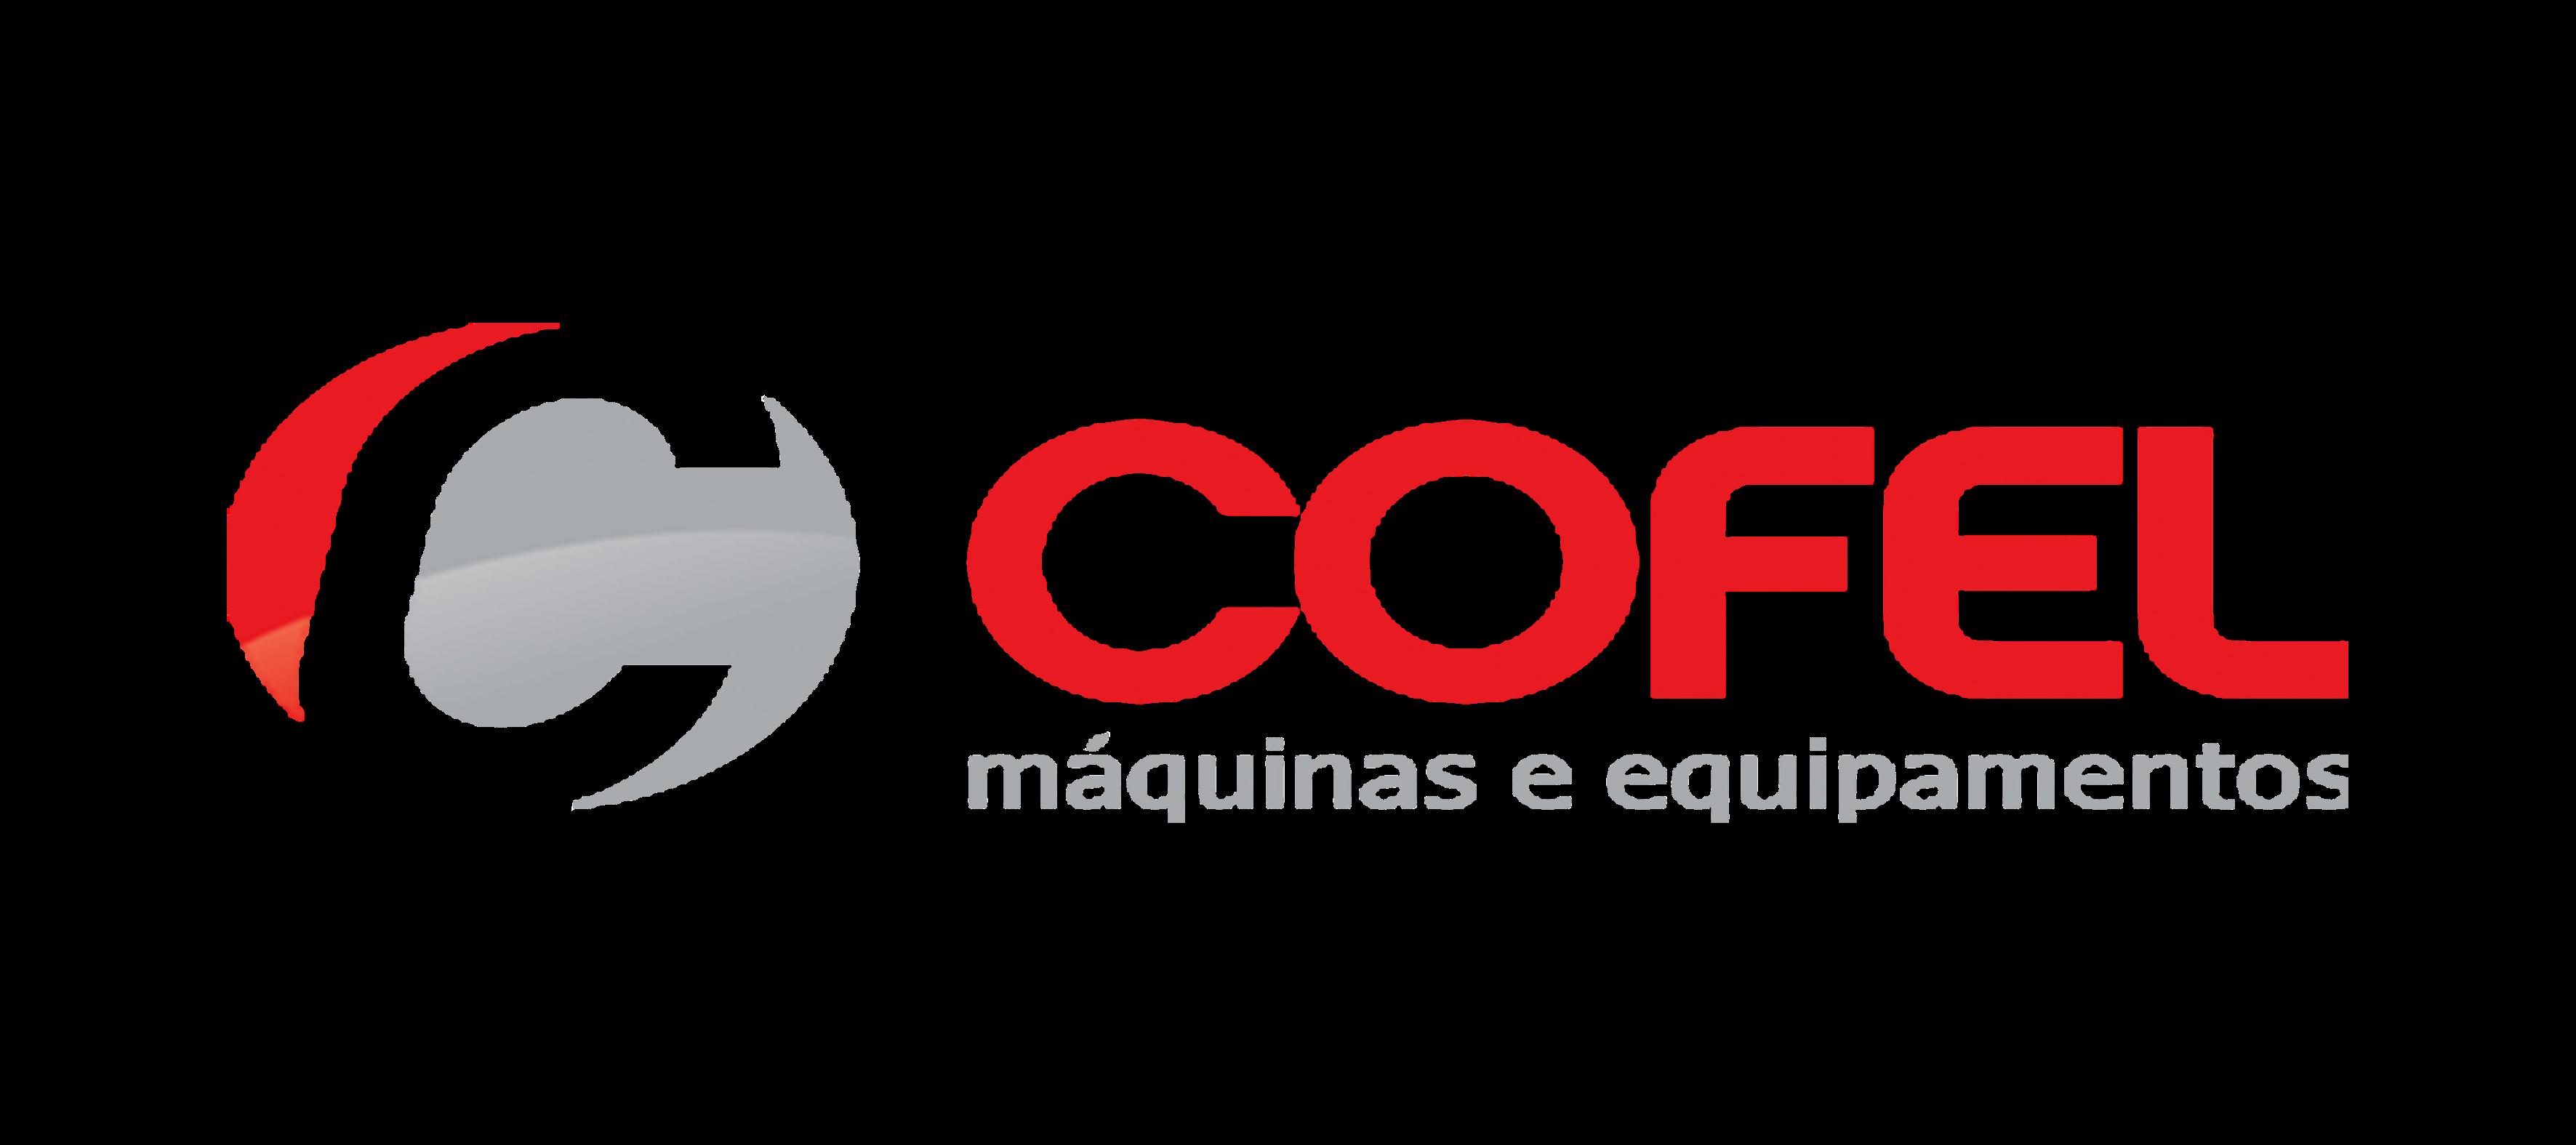 Cofel Máquinas E Equipamentos